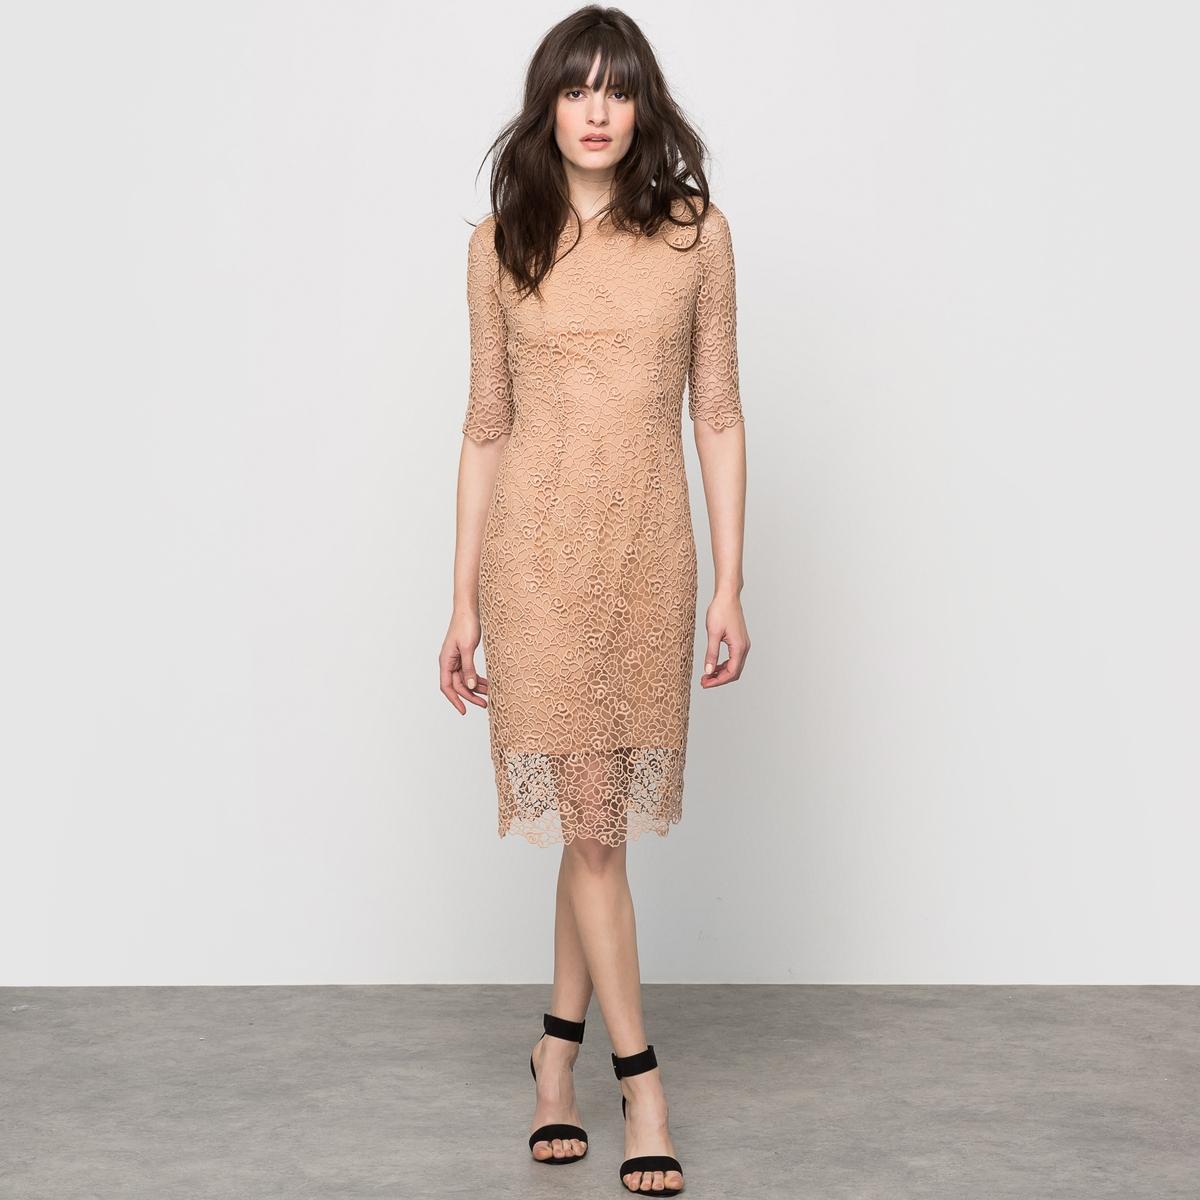 Платье гипюровое с короткими рукавамиПлатье с короткими рукавами. Платье из гипюра. Круглый вырез. Застежка на пуговицу сзади. Молния сзади. 100% хлопка. Подкладка из 100% хлопка. Длина 102 см.<br><br>Цвет: бежевый,красный,темно-синий,черный<br>Размер: 34 (FR) - 40 (RUS).34 (FR) - 40 (RUS).36 (FR) - 42 (RUS).38 (FR) - 44 (RUS).40 (FR) - 46 (RUS).38 (FR) - 44 (RUS).44 (FR) - 50 (RUS).48 (FR) - 54 (RUS).36 (FR) - 42 (RUS).36 (FR) - 42 (RUS).40 (FR) - 46 (RUS).48 (FR) - 54 (RUS)